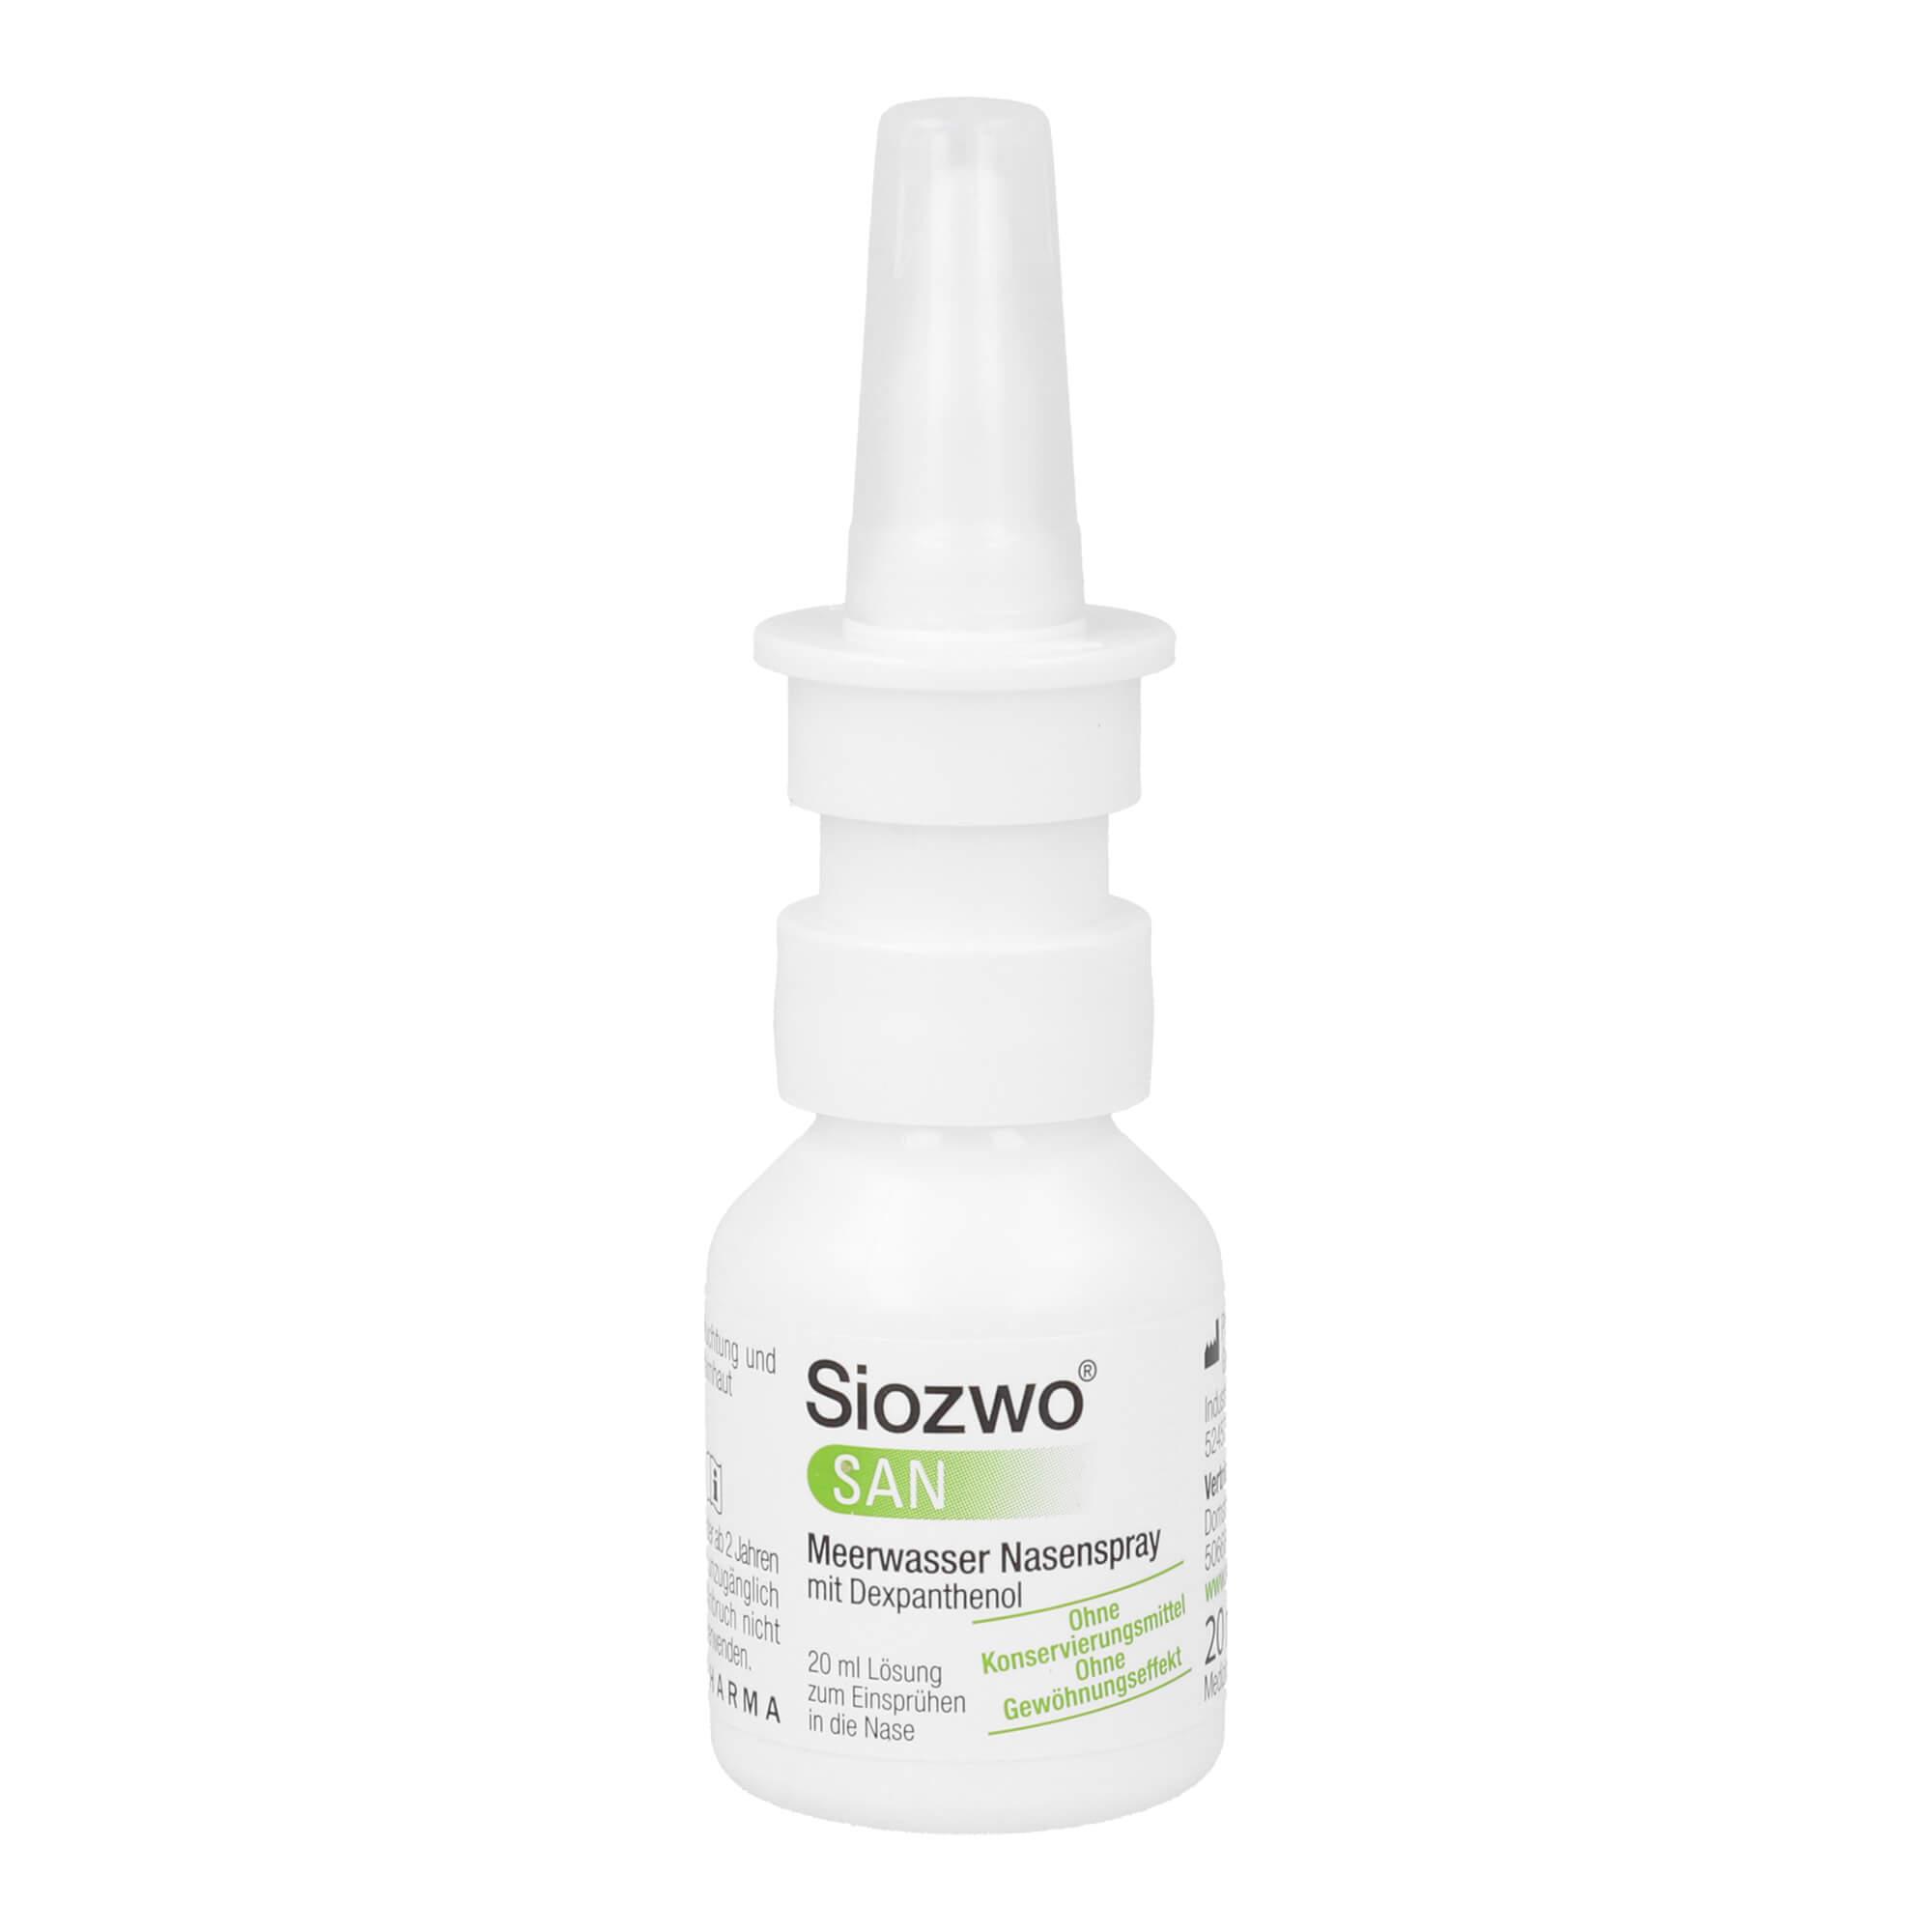 Siozwo SAN Meerwasser Nasenspray mit Dexpanthenol